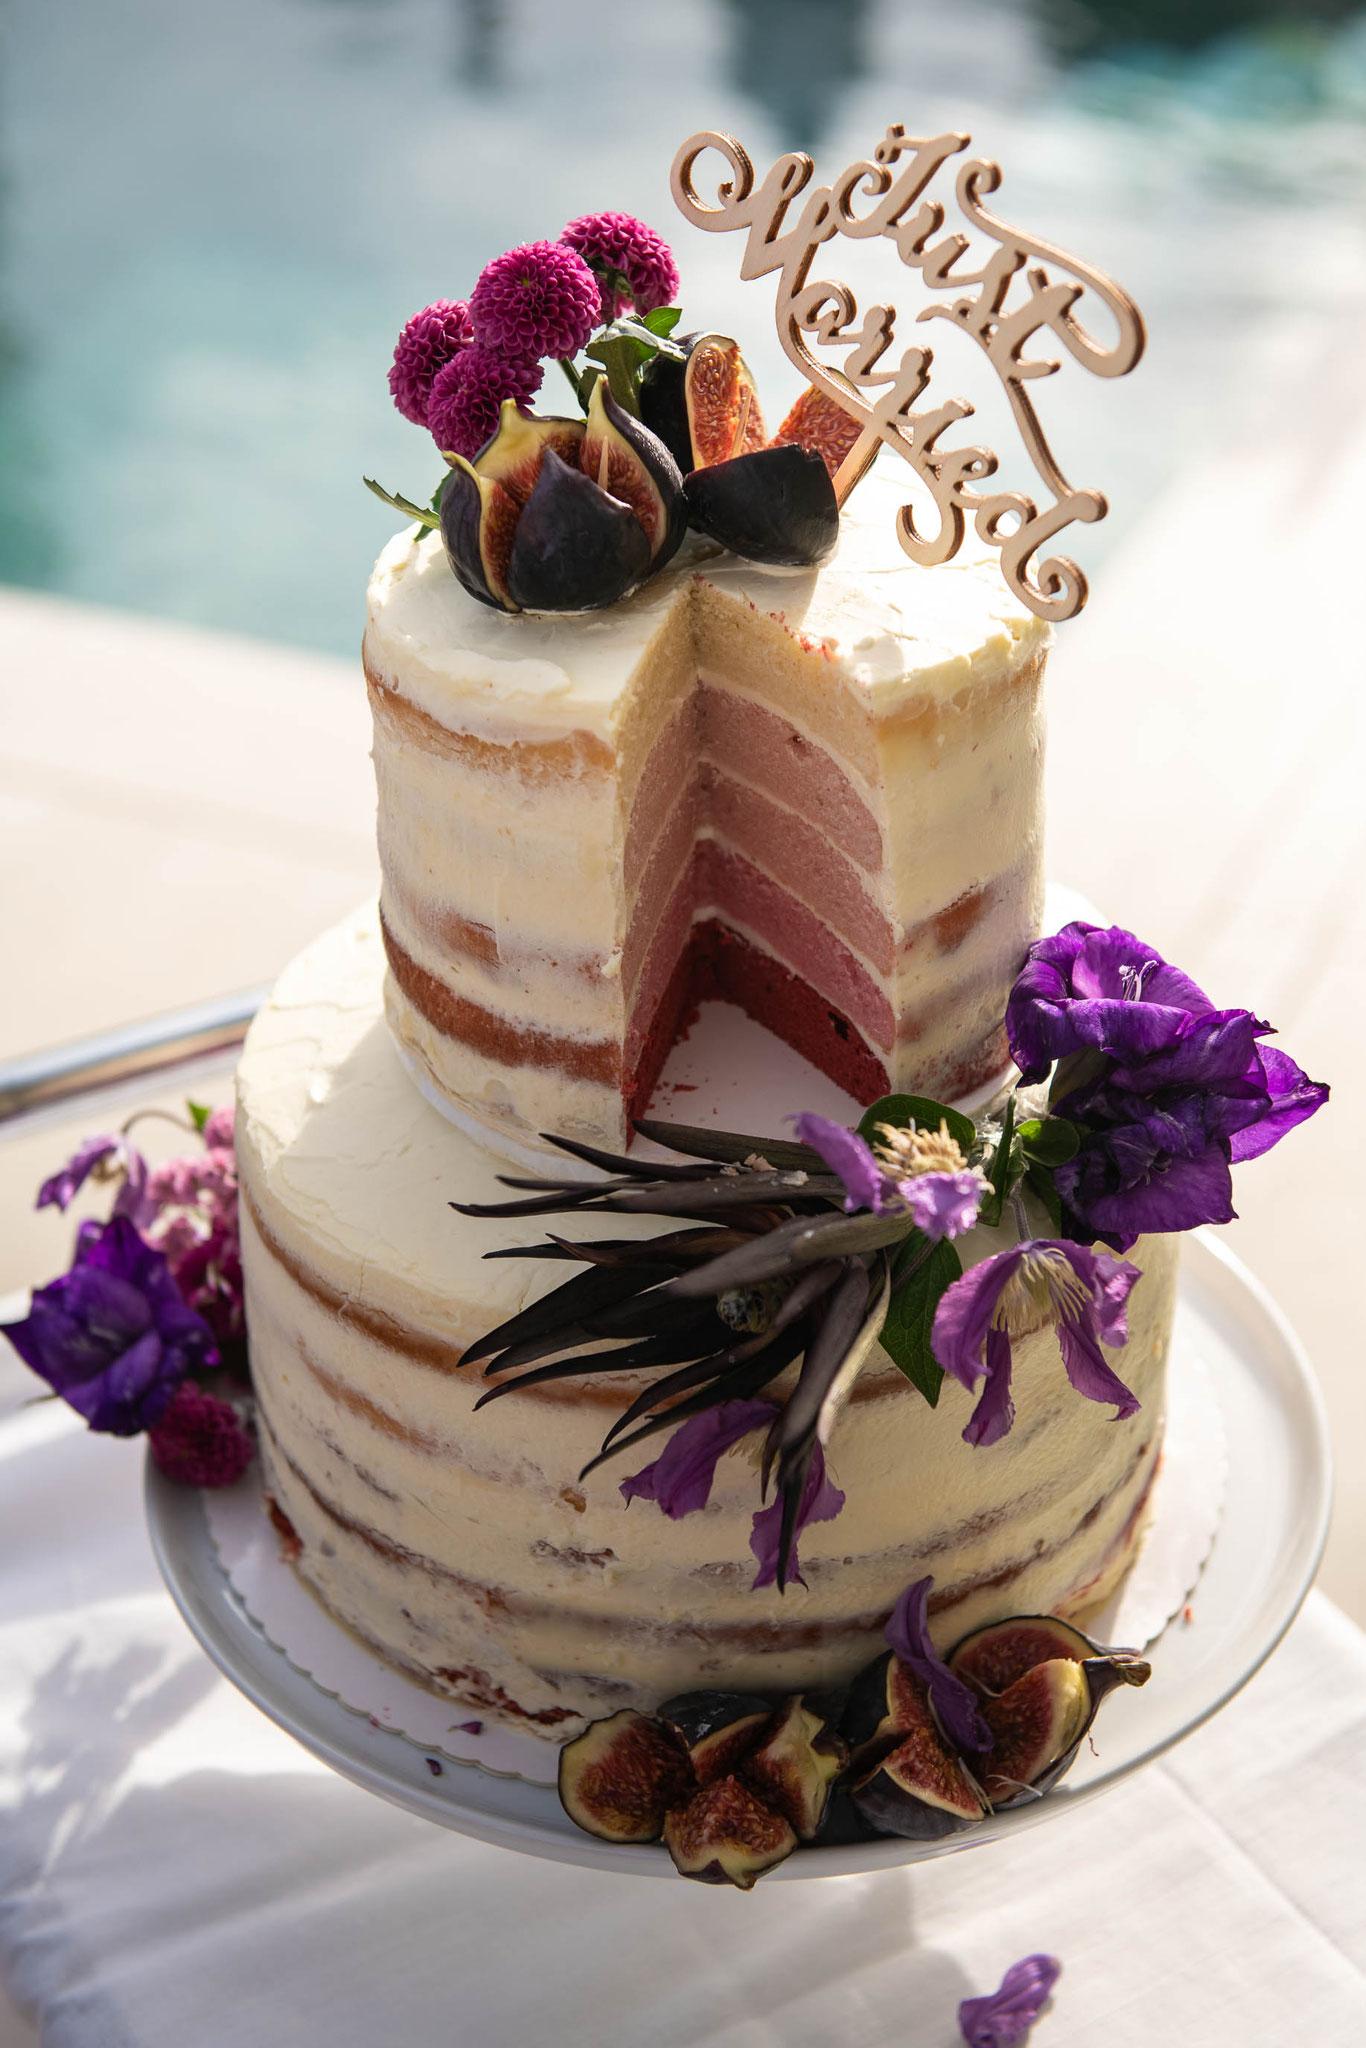 Perfekte Aufnahmen Ihrer Hochzeitstorte